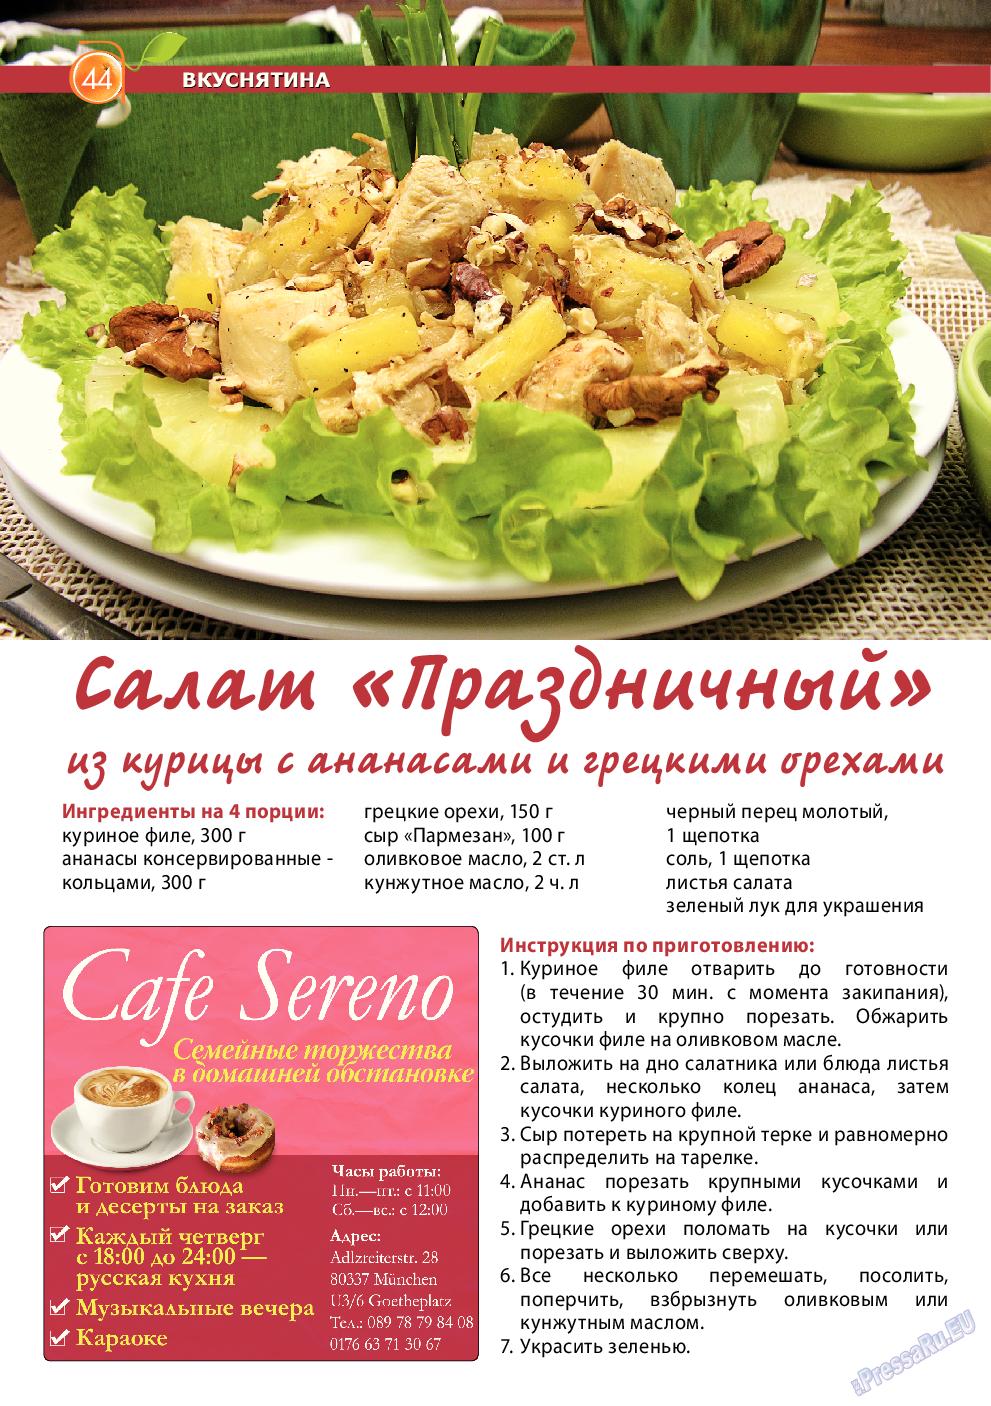 Апельсин (журнал). 2013 год, номер 49, стр. 42